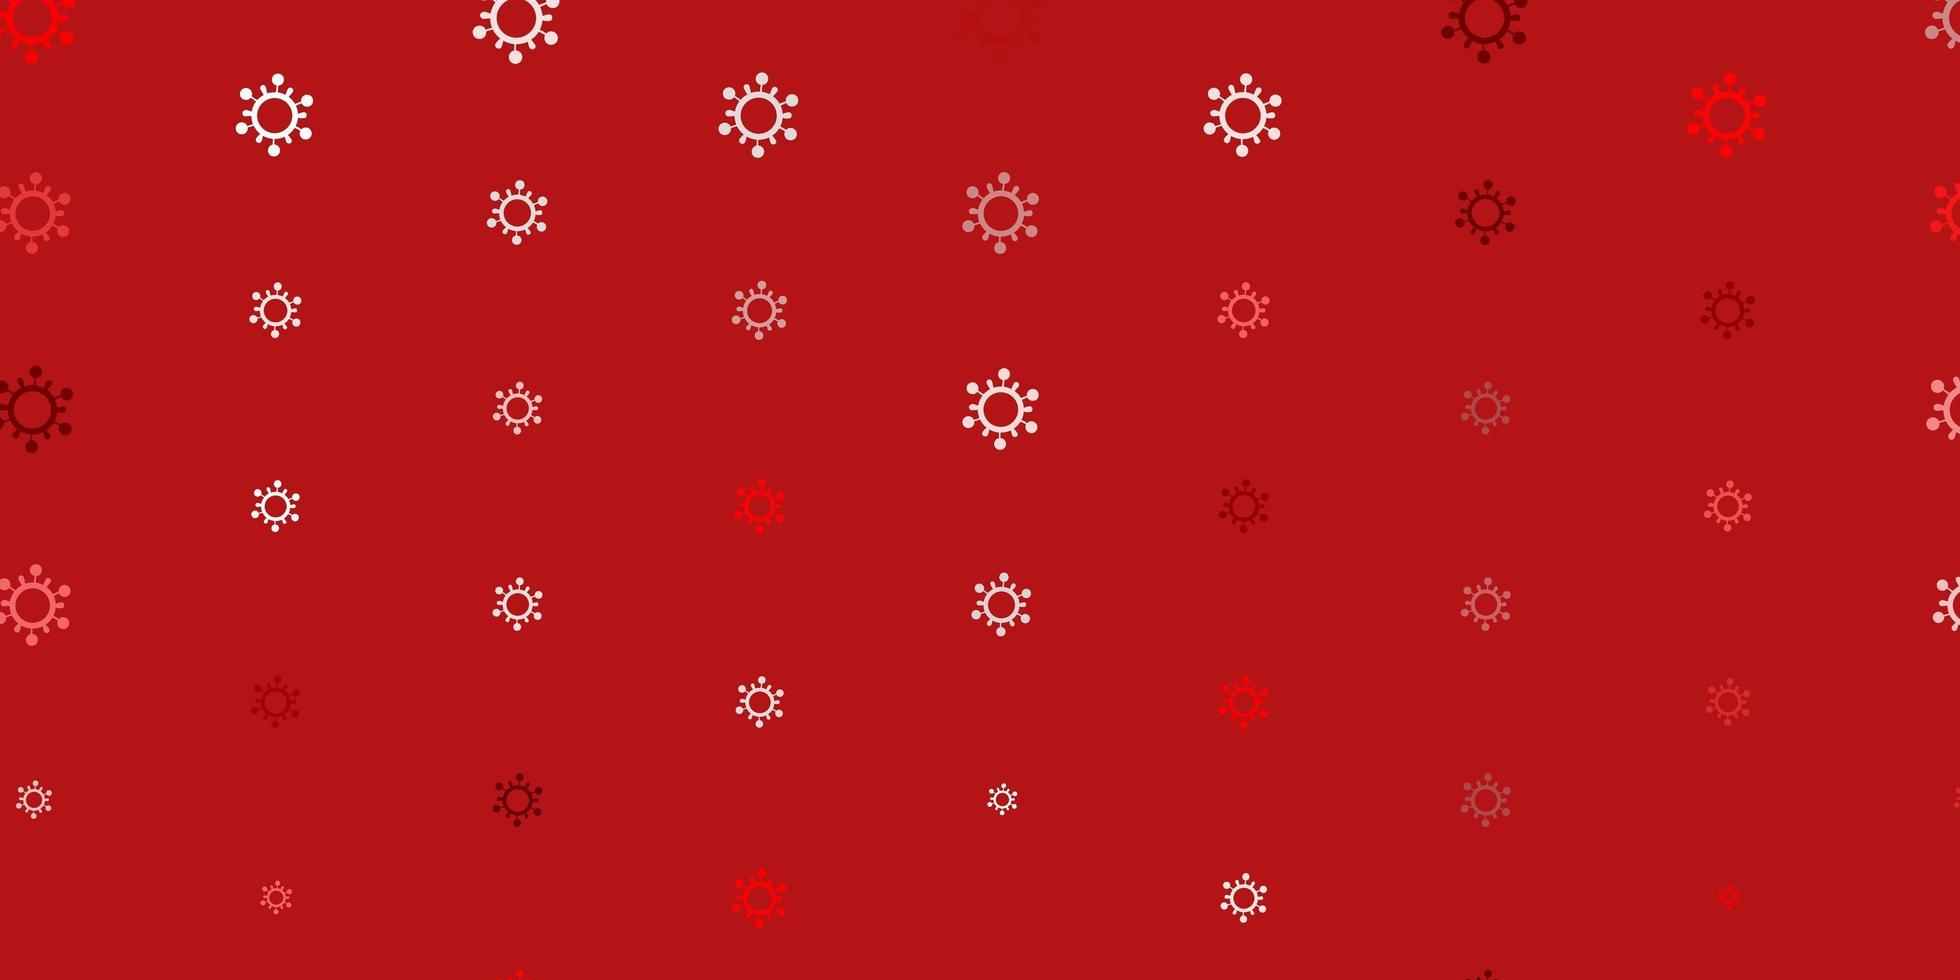 textura vermelha clara com símbolos de doença. vetor